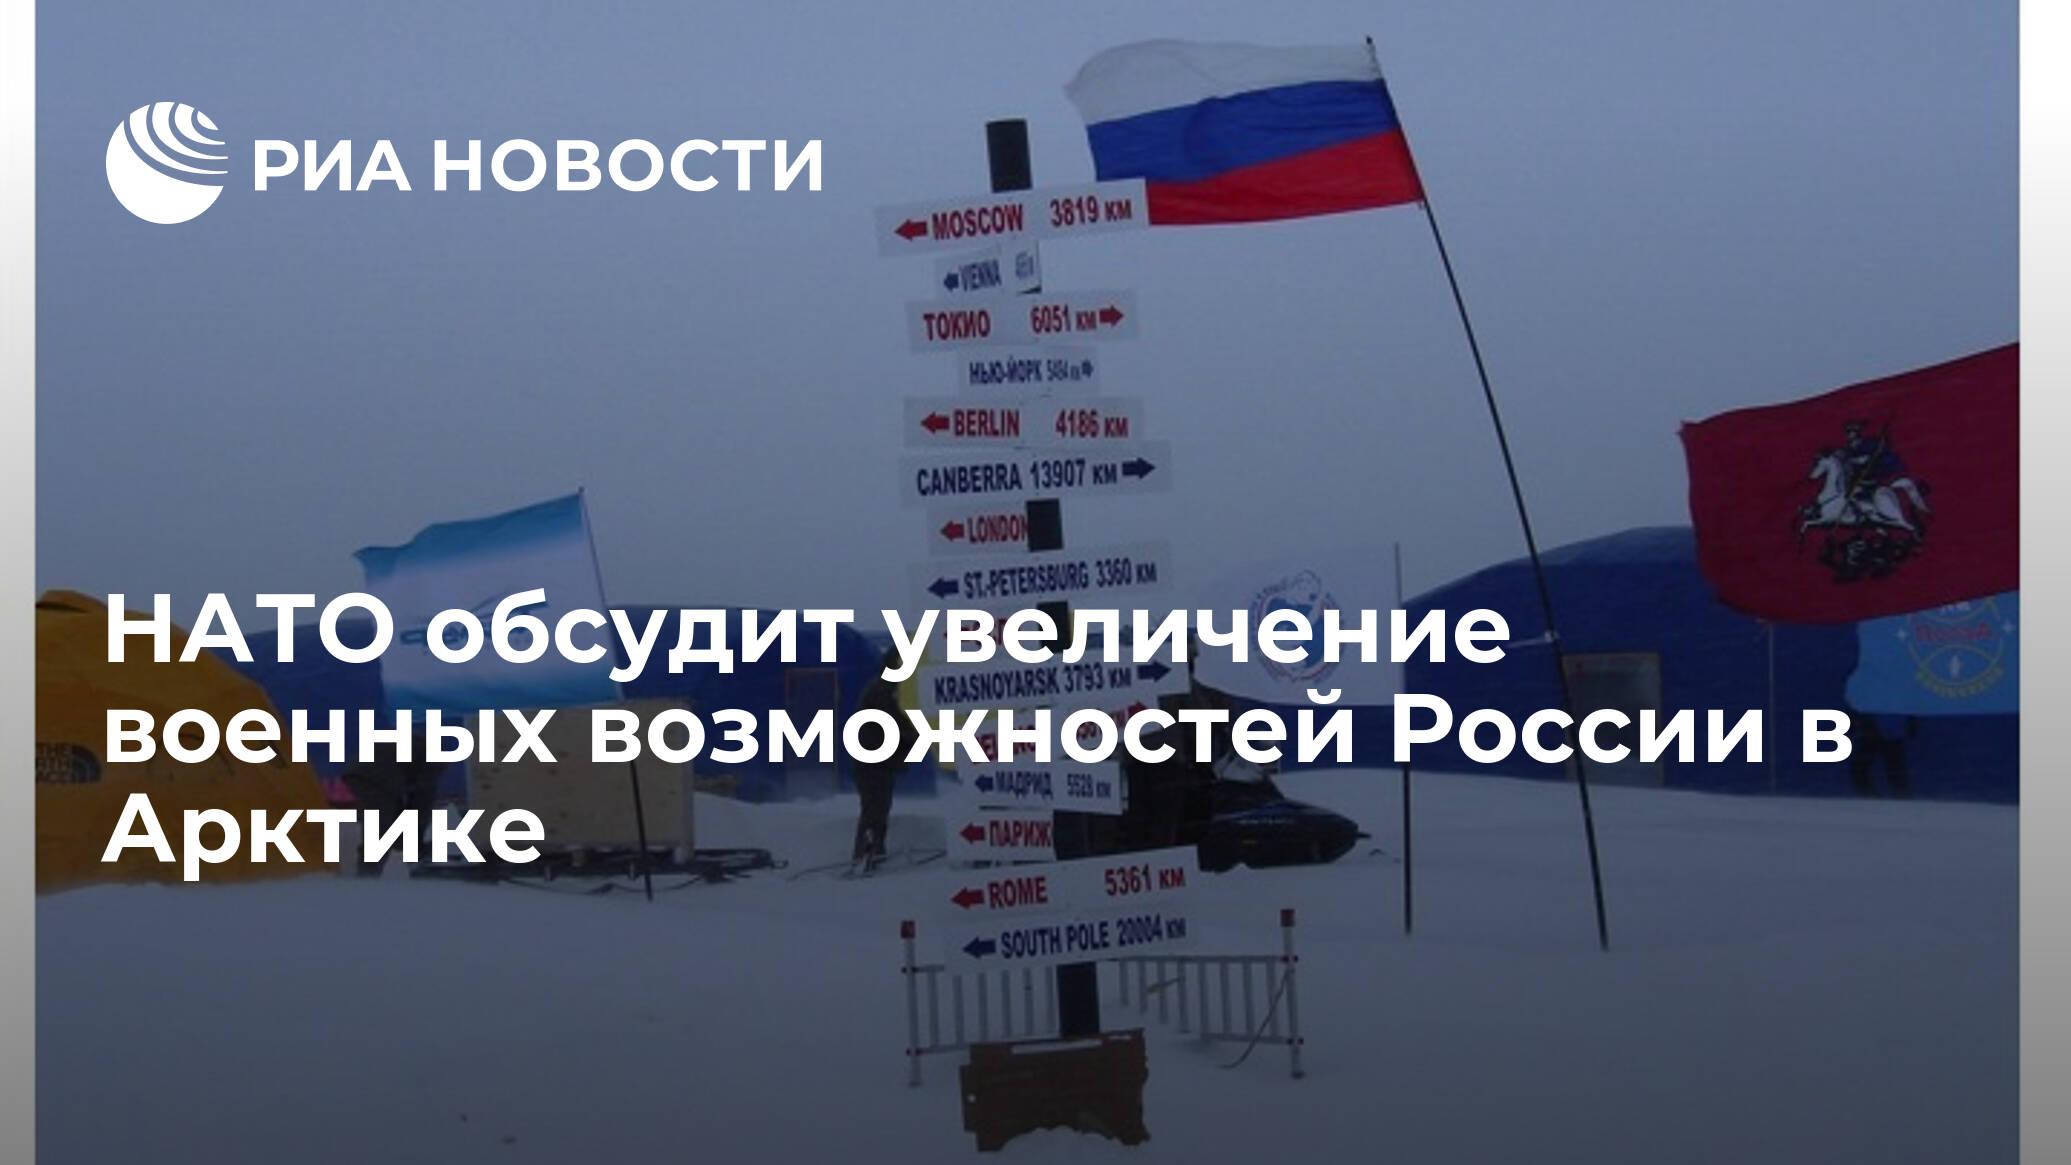 НАТО обсудит увеличение военных возможностей России в Арктике